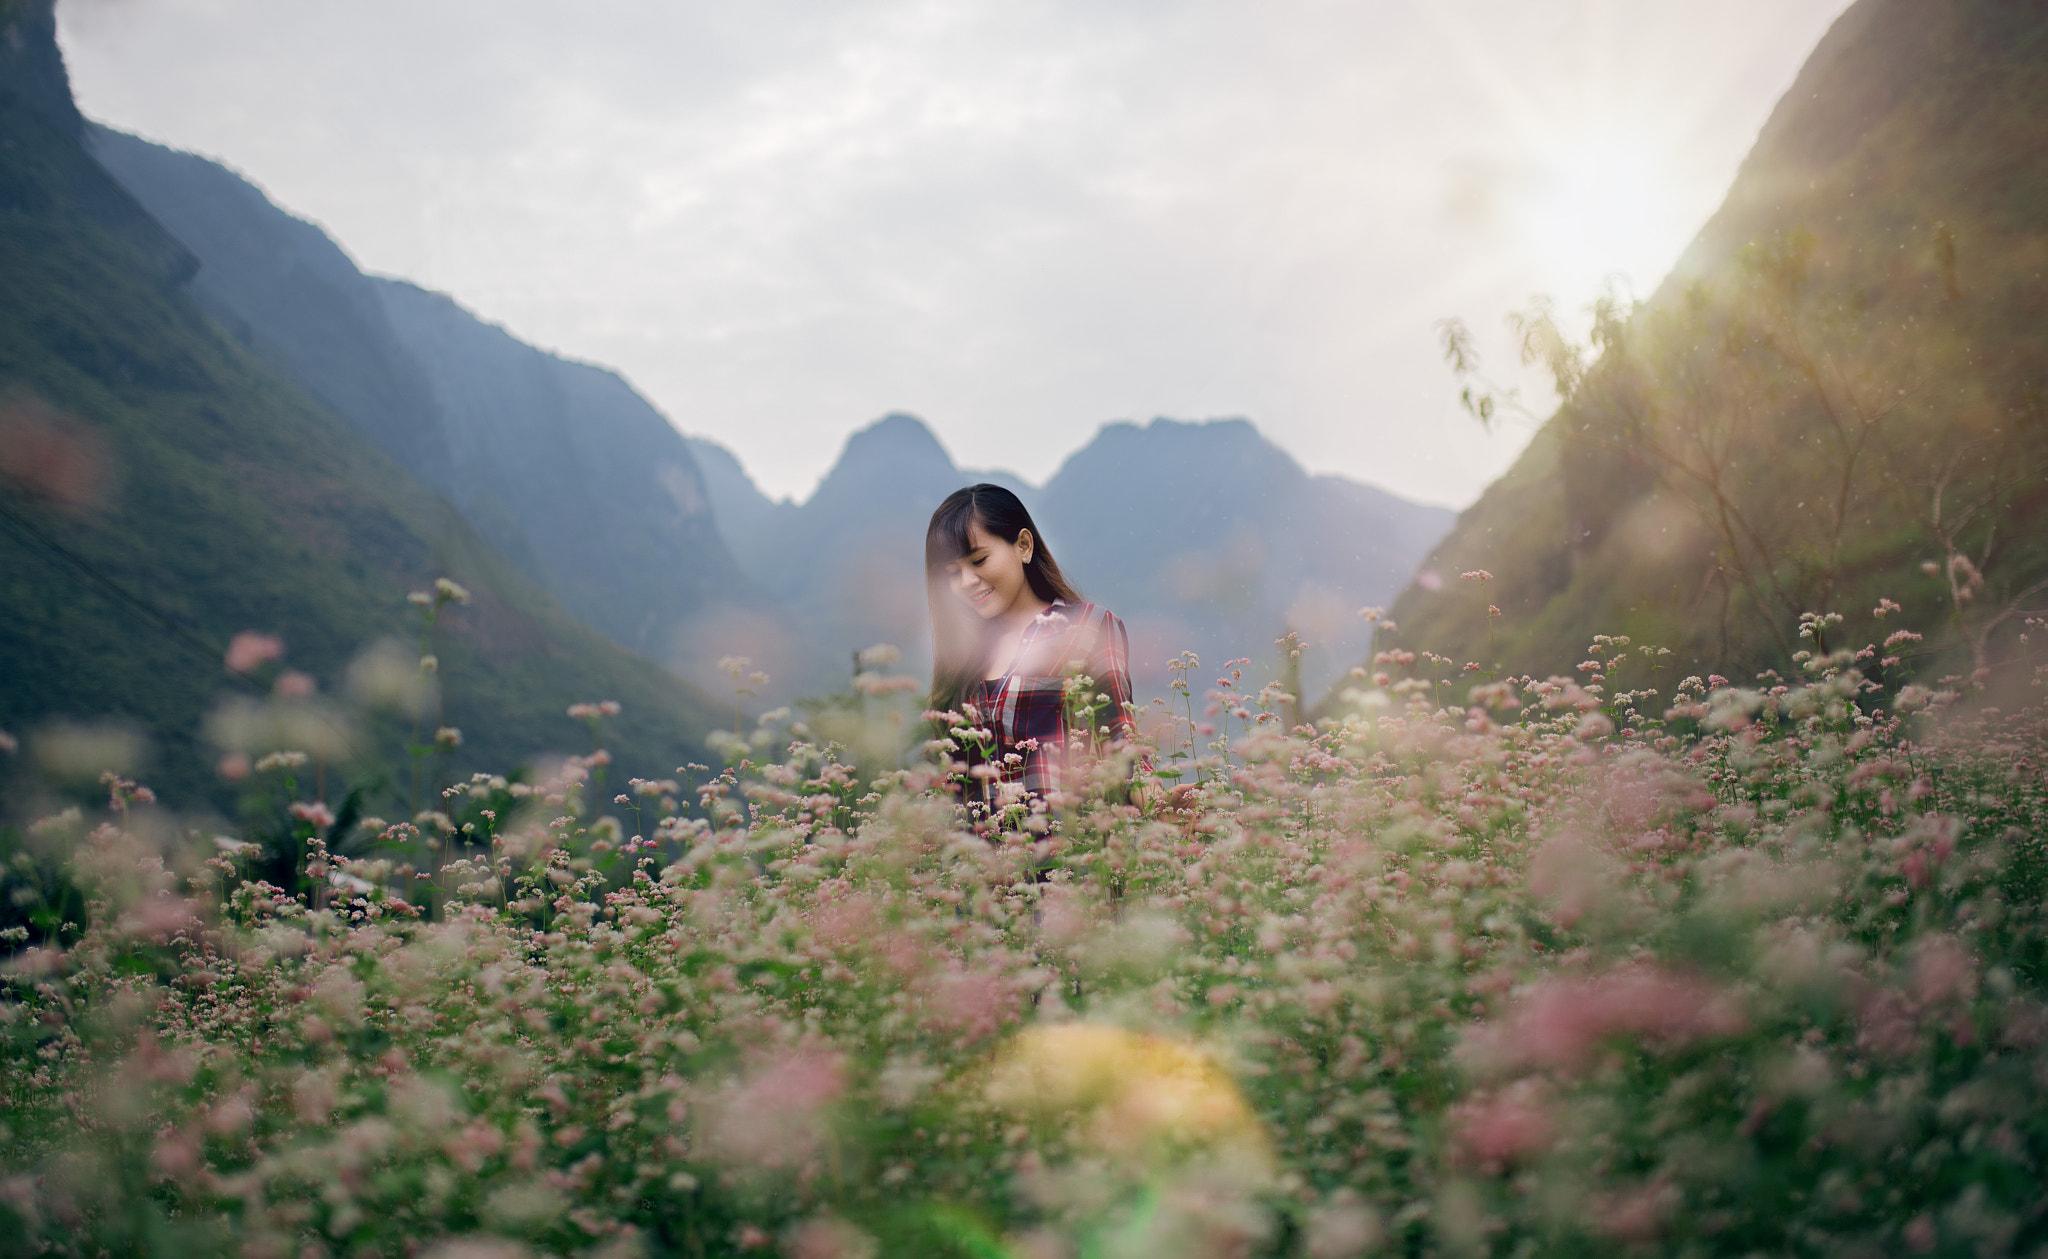 Tour Du Lịch Hà Giang Cao Bằng 5N4Đ Dịp 30 Tháng 4 giá rẻ - Vietmountain Travel 1